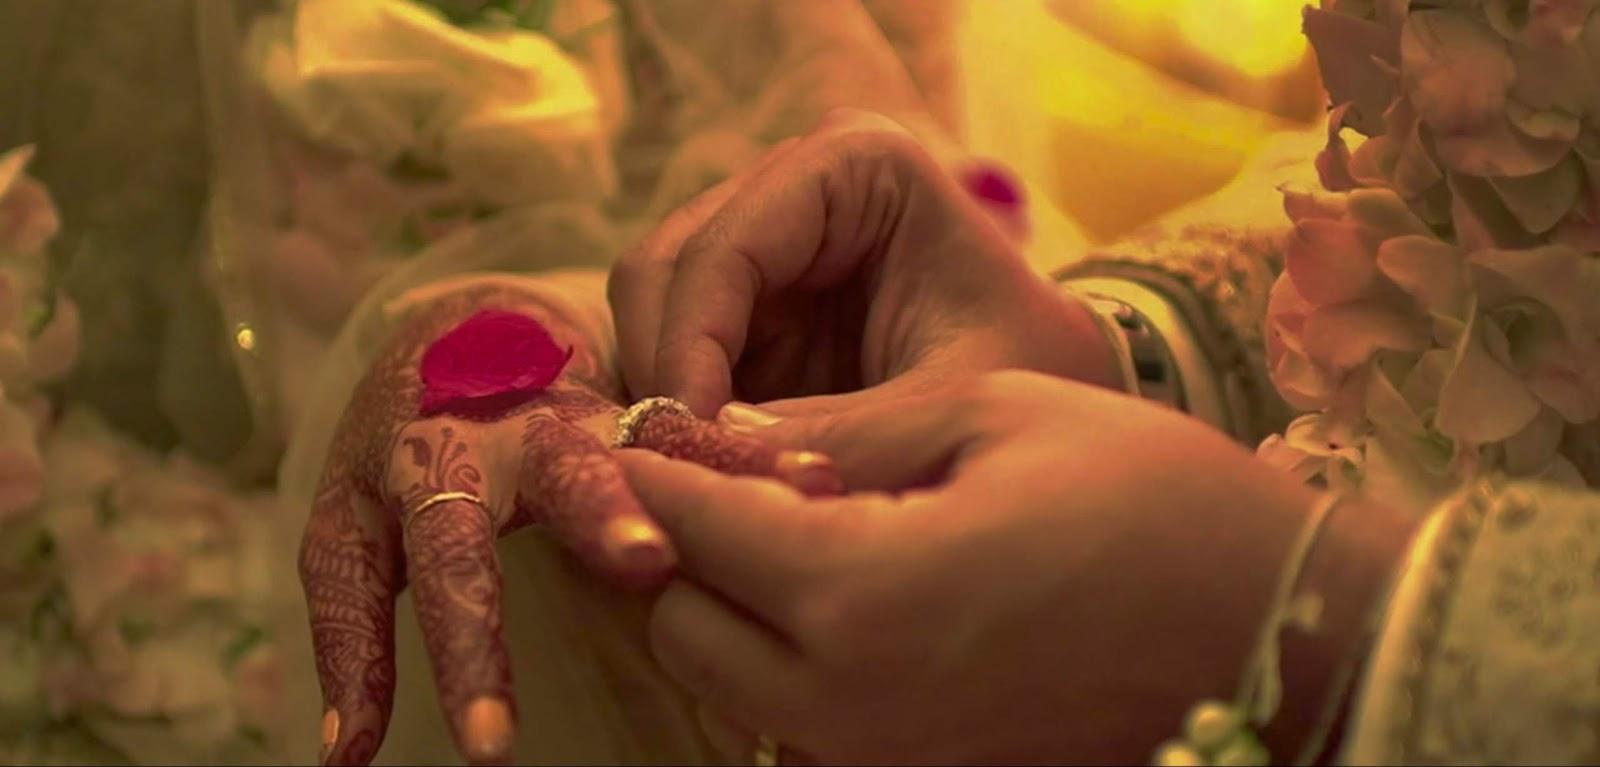 वैवाहिक जीवनको सफलता श्रीमान्–श्रीमतीद्वारा गरिएको स–साना त्यागमा निर्भर हुन्छ